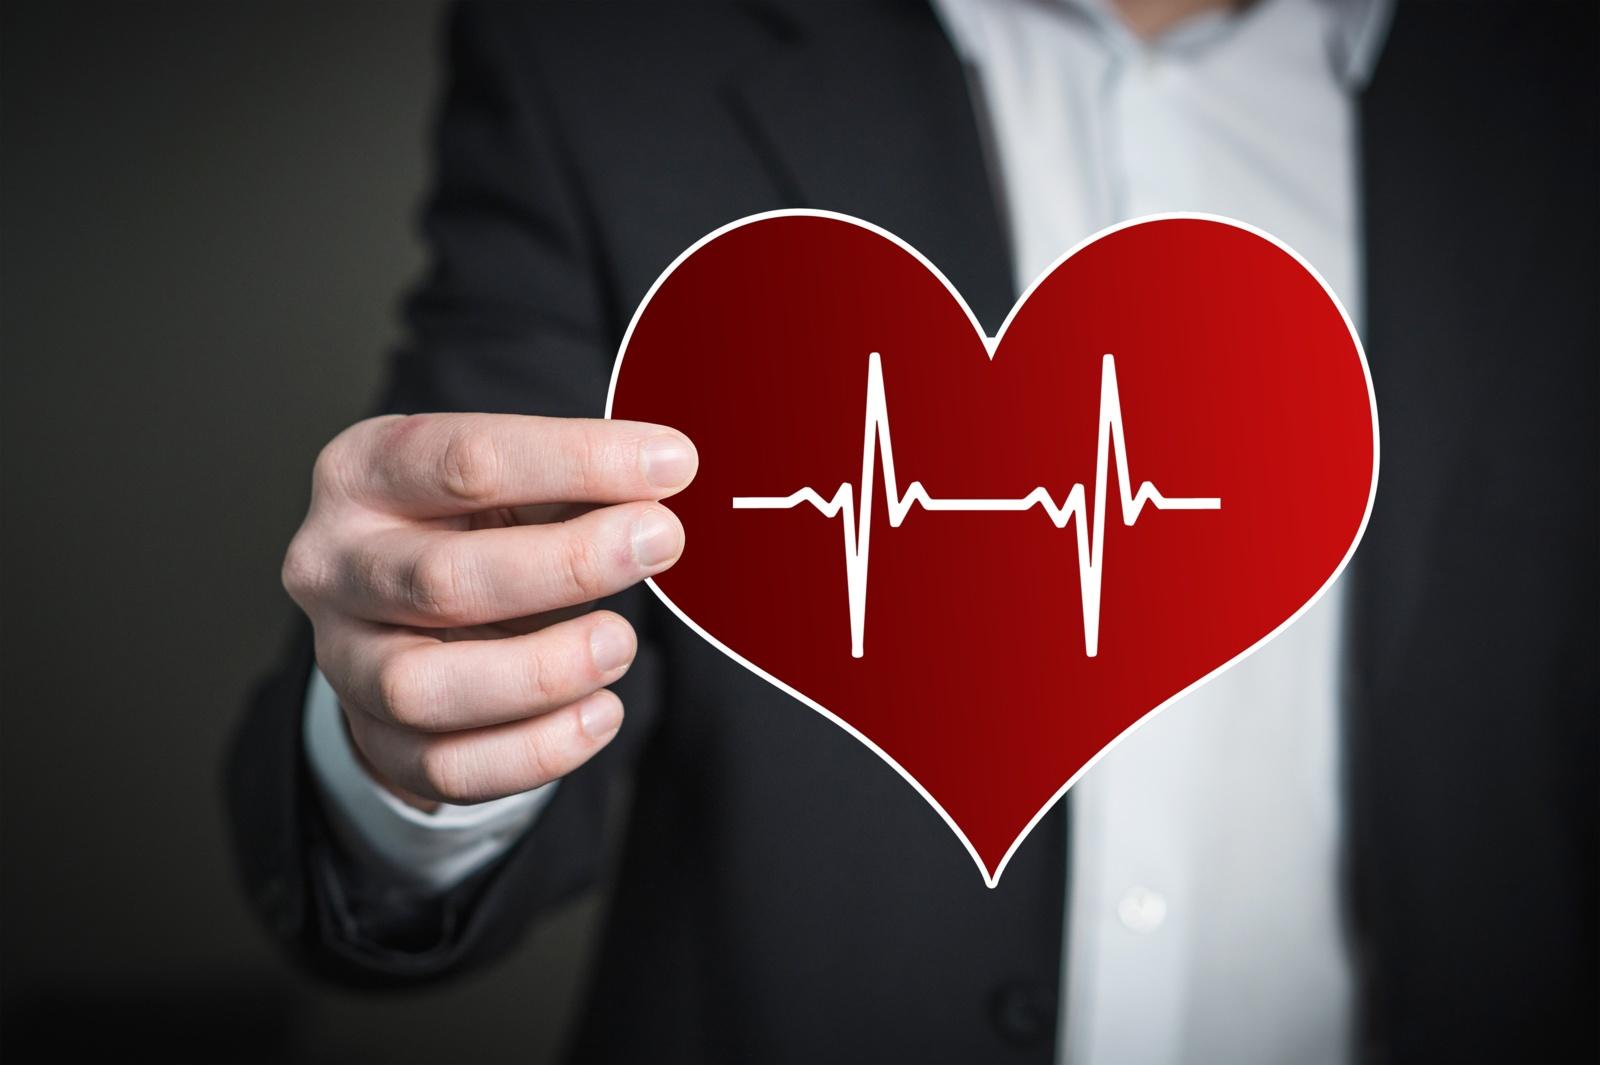 hipertenzija gydoma visą gyvenimą